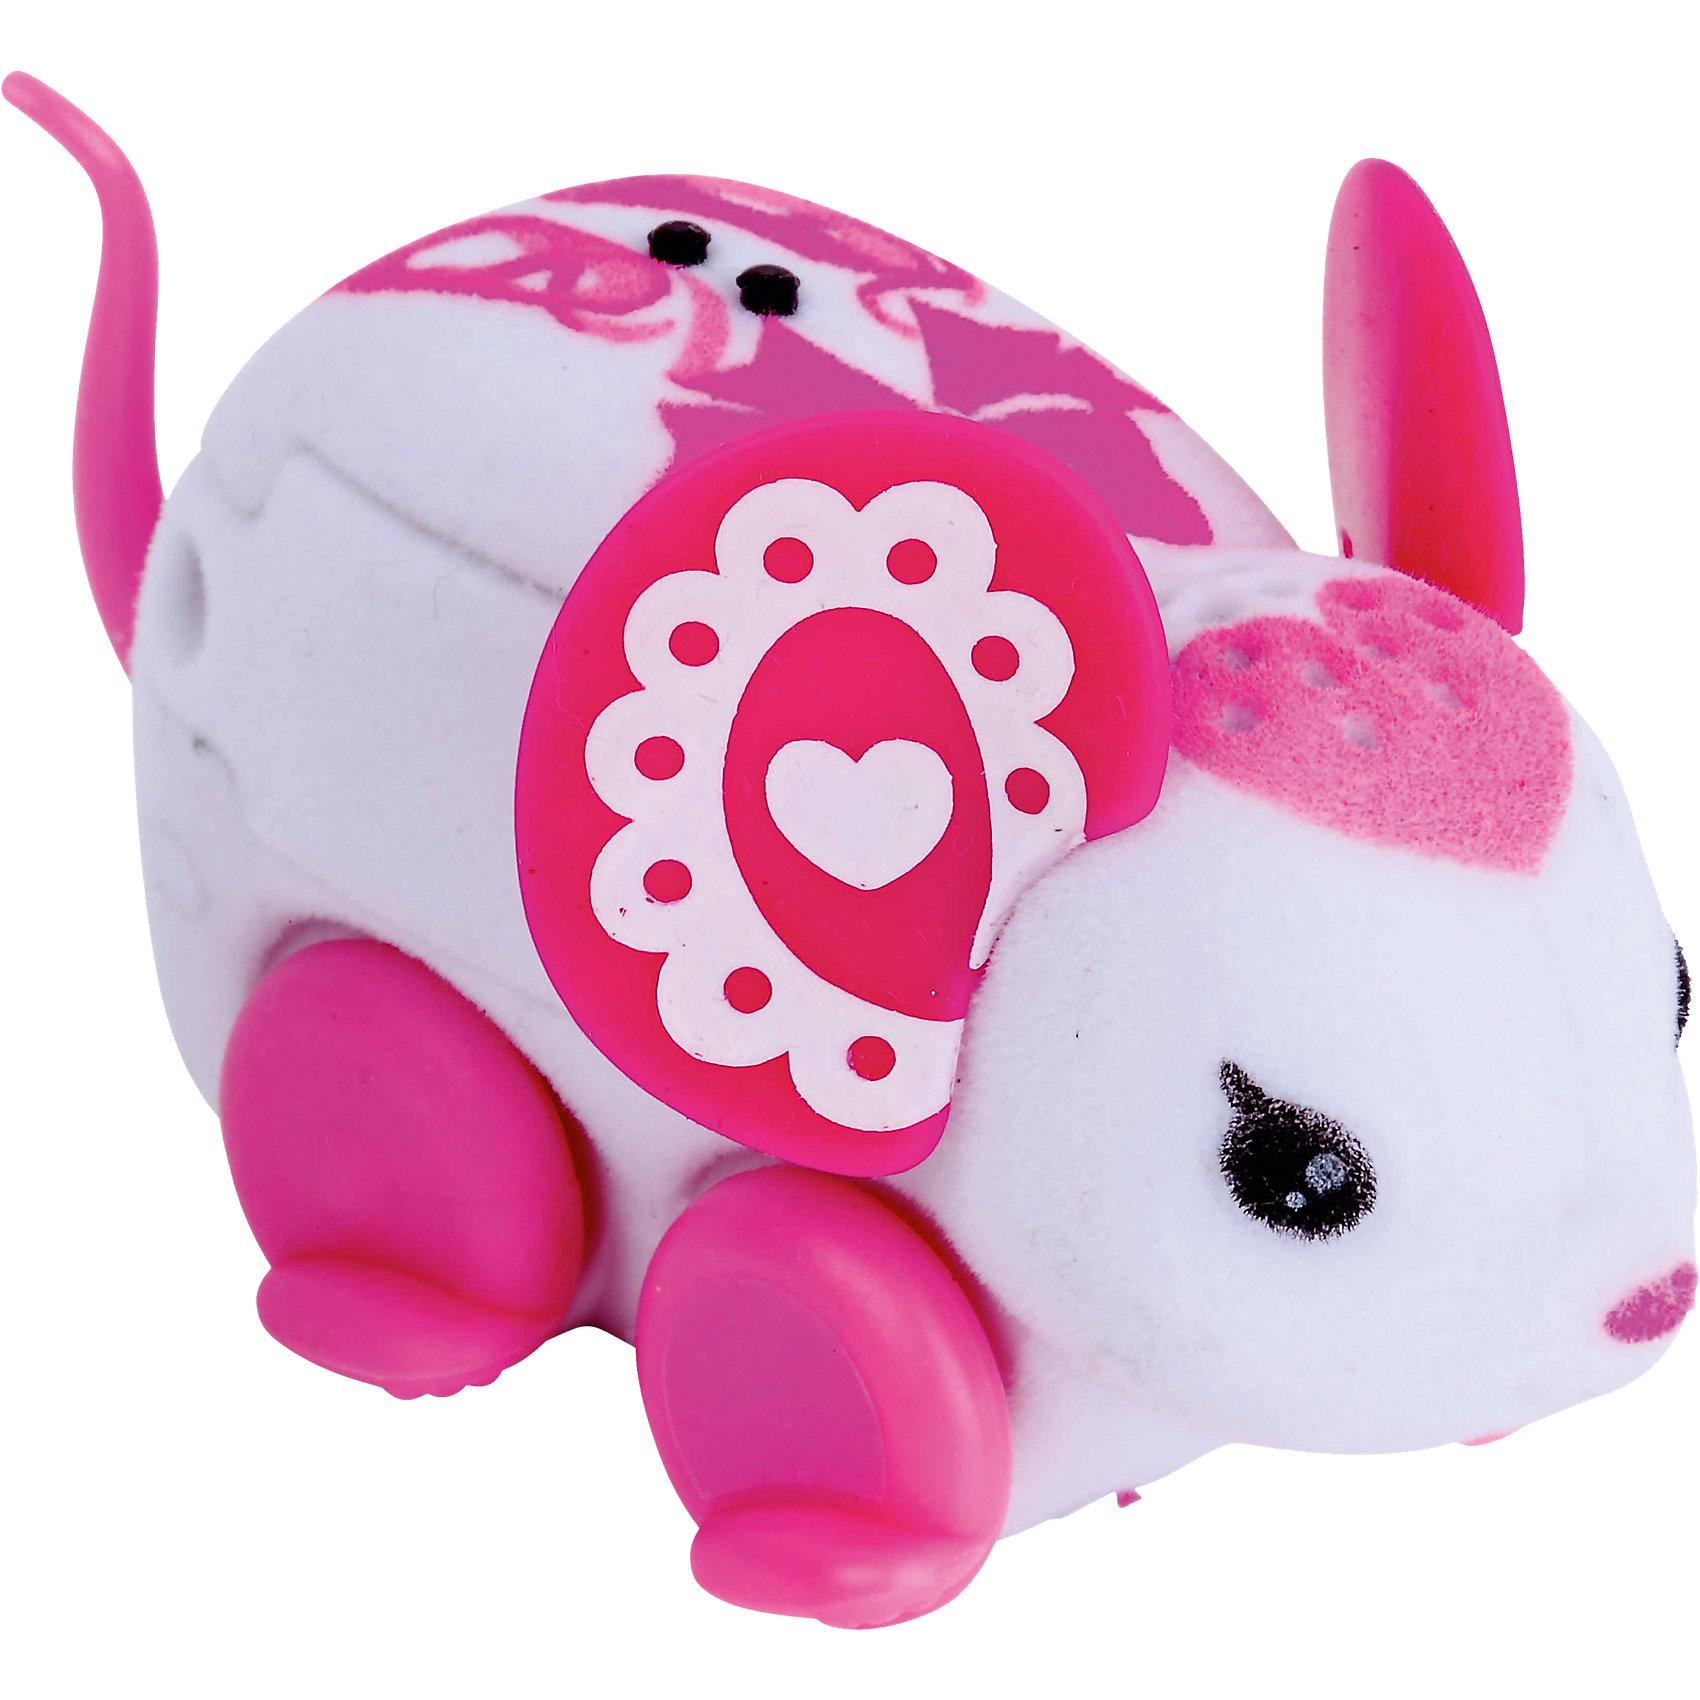 Интерактивная мышка Bella Tina, Little Live Pets, MooseИнтерактивные животные<br>Характеристики товара:<br><br>• возраст от 5 лет;<br>• материал: пластик, флок;<br>• в комплекте: мышка, 3 батарейки;<br>• работает от 3 батареек LR44 (в комплекте);<br>• размер мышки 7,6х2,5х2,5 см;<br>• размер упаковки 22х16х5 см;<br>• вес упаковки 100 гр.;<br>• страна производитель: Китай.<br><br>Интерактивная мышка Moose Little Live Pets «Bella Tina» - оригинальная мышка с розовыми узорами на спинке, розовыми ушками и сердечком на голове. Мышка умеет двигаться, пищать и фыркать под музыку. Чтобы мышка начала движение, надо просто ее погладить. Когда мышка остается одна, она засыпает и отключается автоматически. Игрушка изготовлена из качественных материалов, безопасных для ребенка.<br><br>Интерактивную мышку Moose Little Live Pets «Bella Tina» можно приобрести в нашем интернет-магазине.<br><br>Ширина мм: 223<br>Глубина мм: 160<br>Высота мм: 52<br>Вес г: 73<br>Возраст от месяцев: 60<br>Возраст до месяцев: 108<br>Пол: Унисекс<br>Возраст: Детский<br>SKU: 5400748